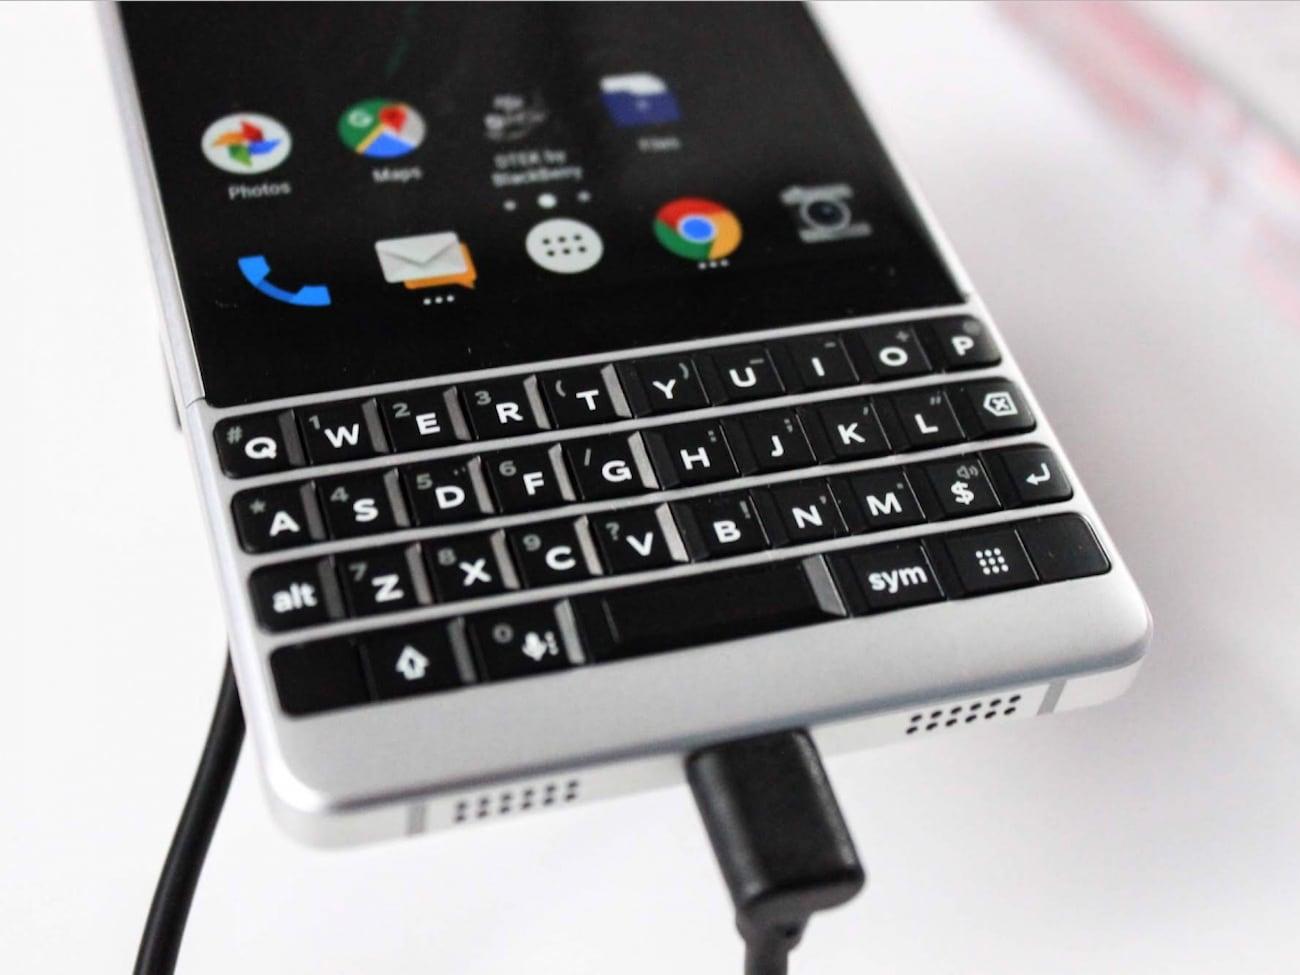 BlackBerry Key2 Intelligent Keyboard Smartphone